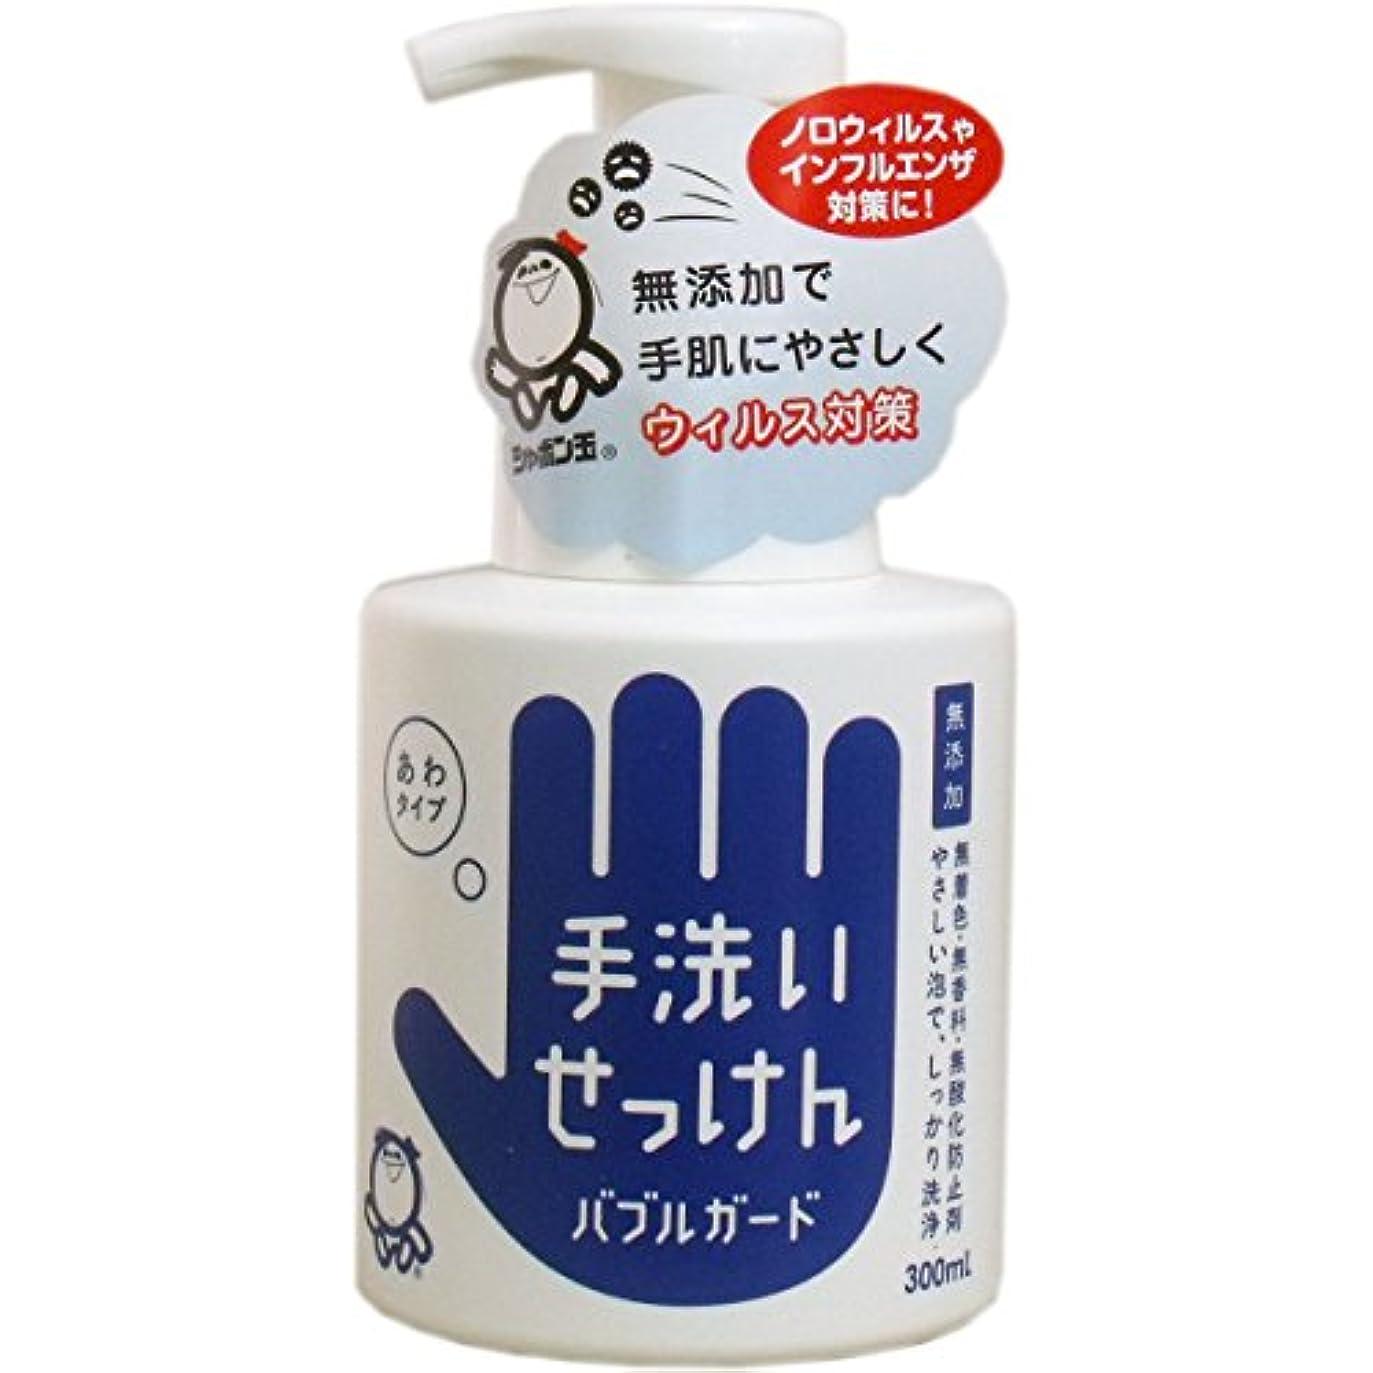 ビュッフェ慣性寄託【まとめ買い】バブルガード ×2セット